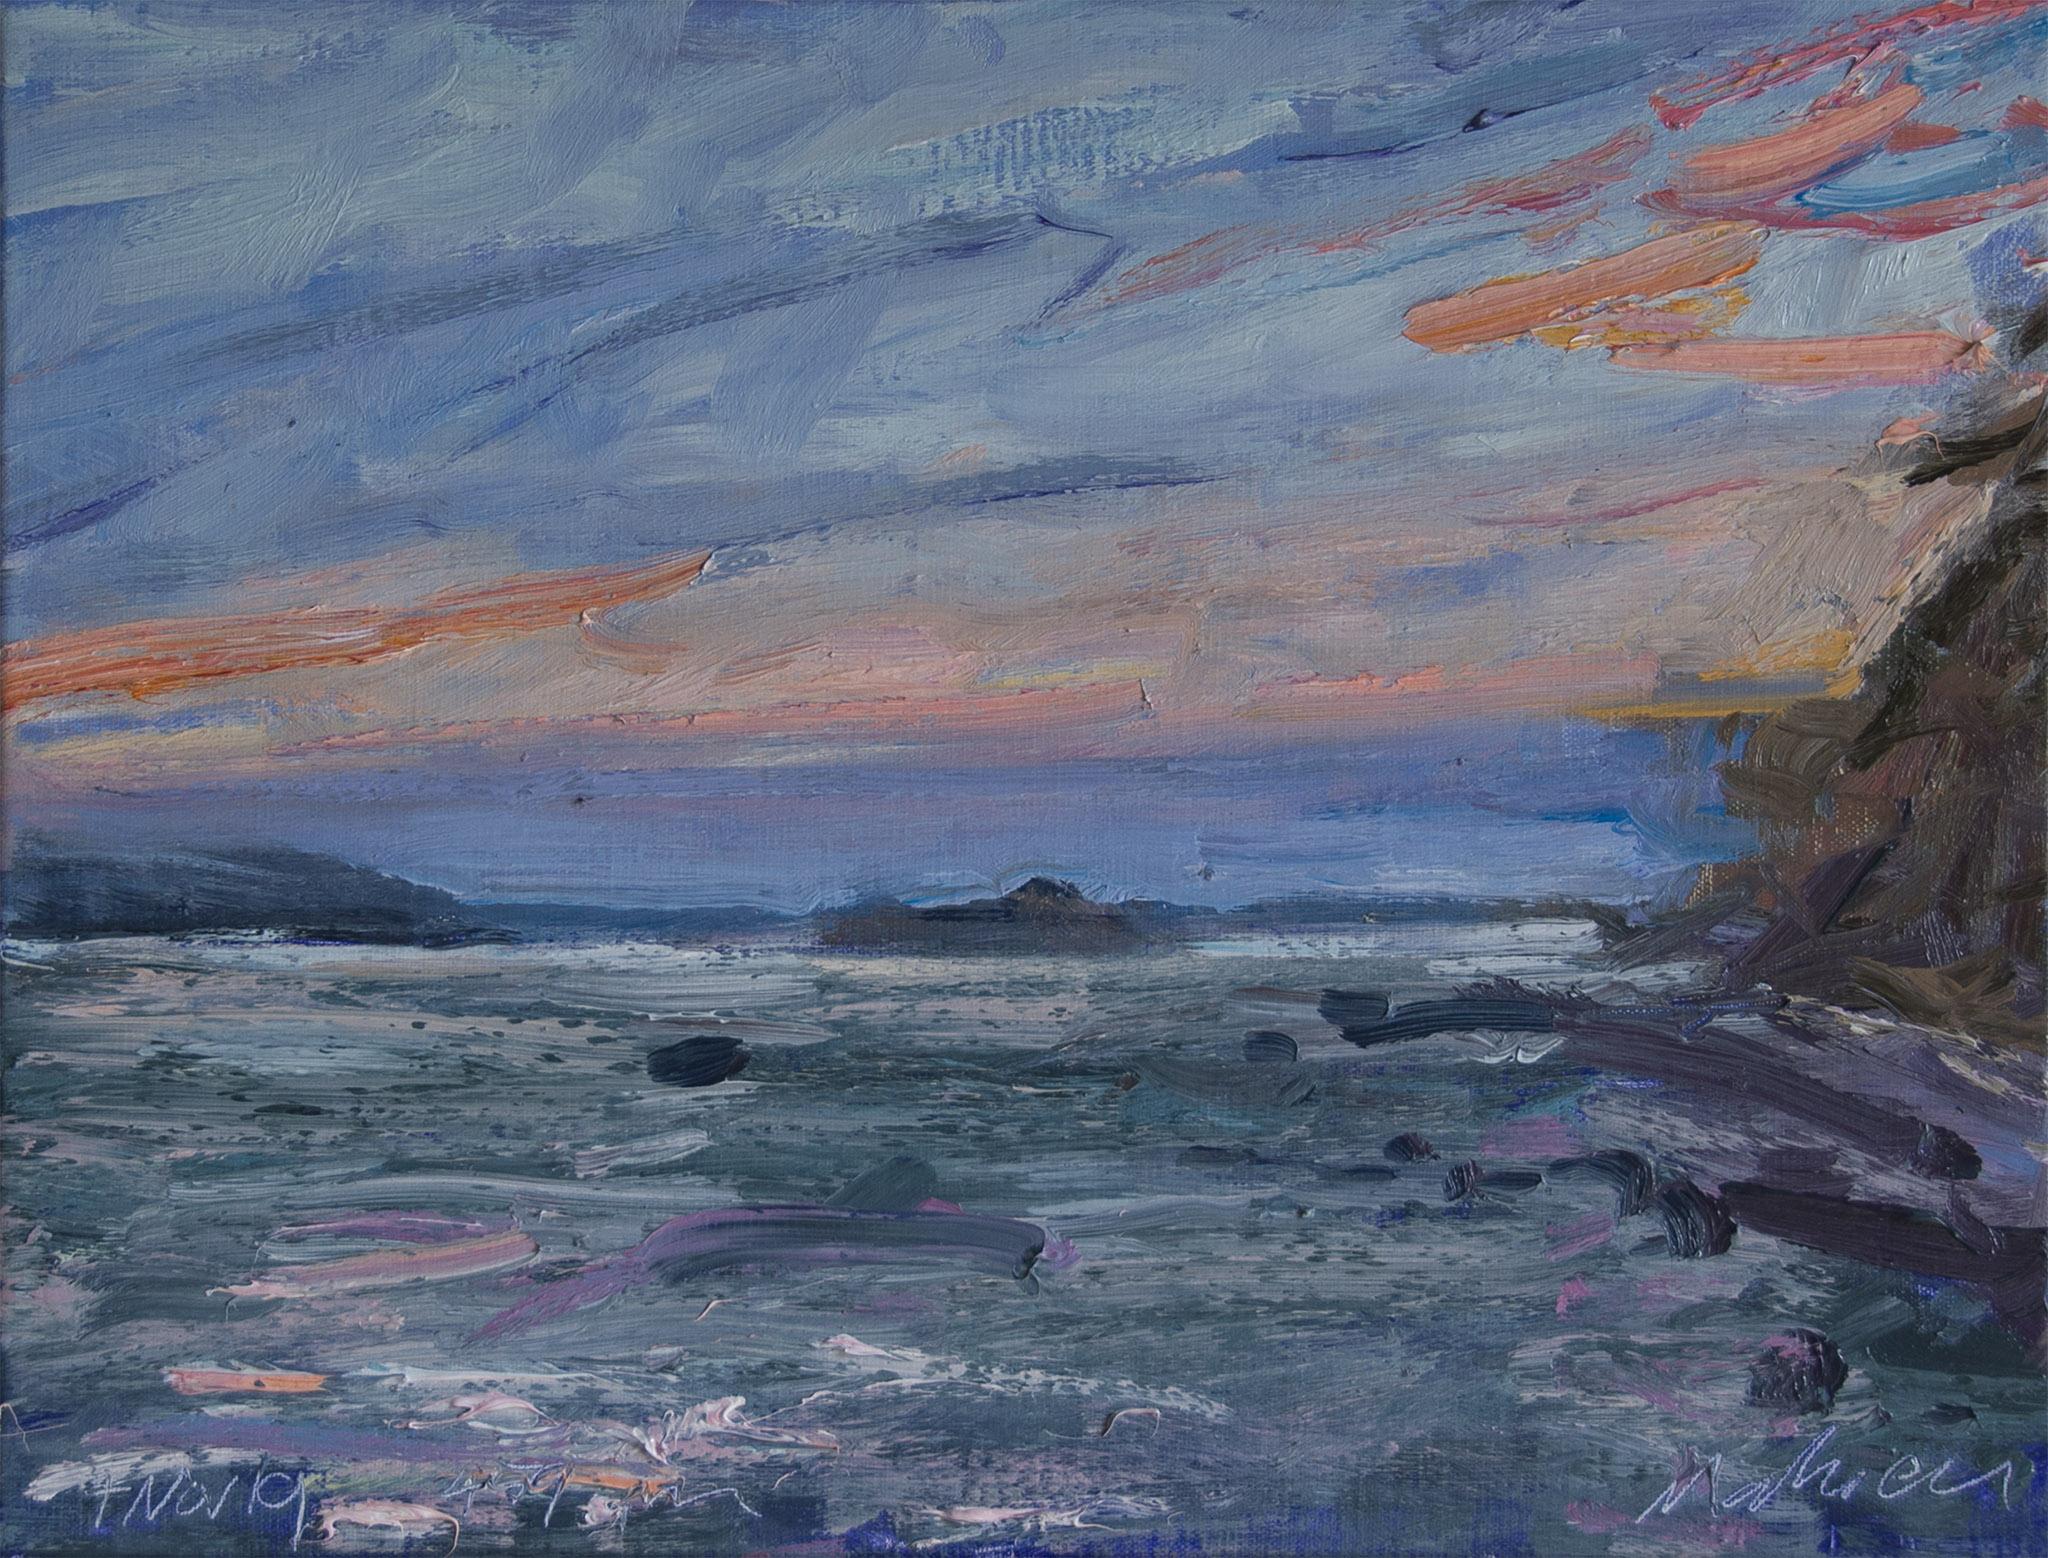 Marine Sunset—Earth's Penumbra